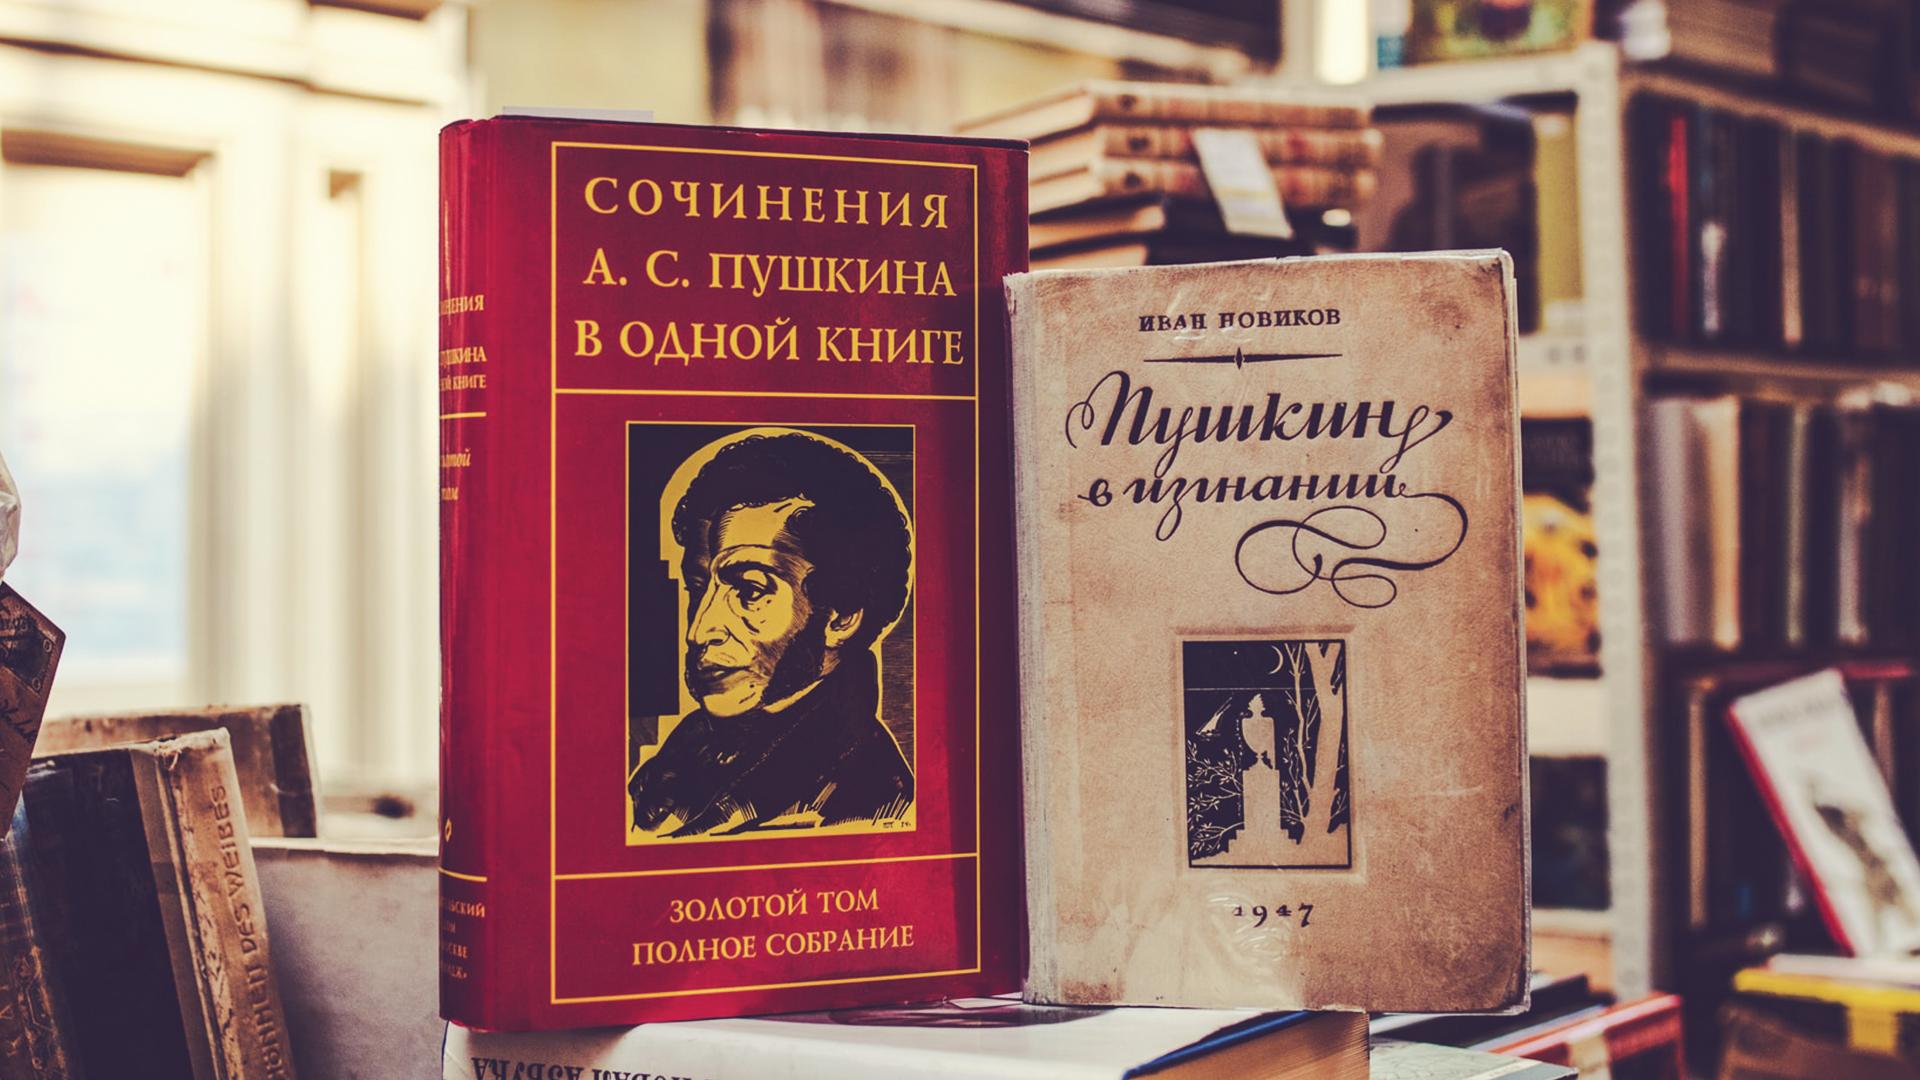 Экскурс в русскую литературу. Авторы и судьбы